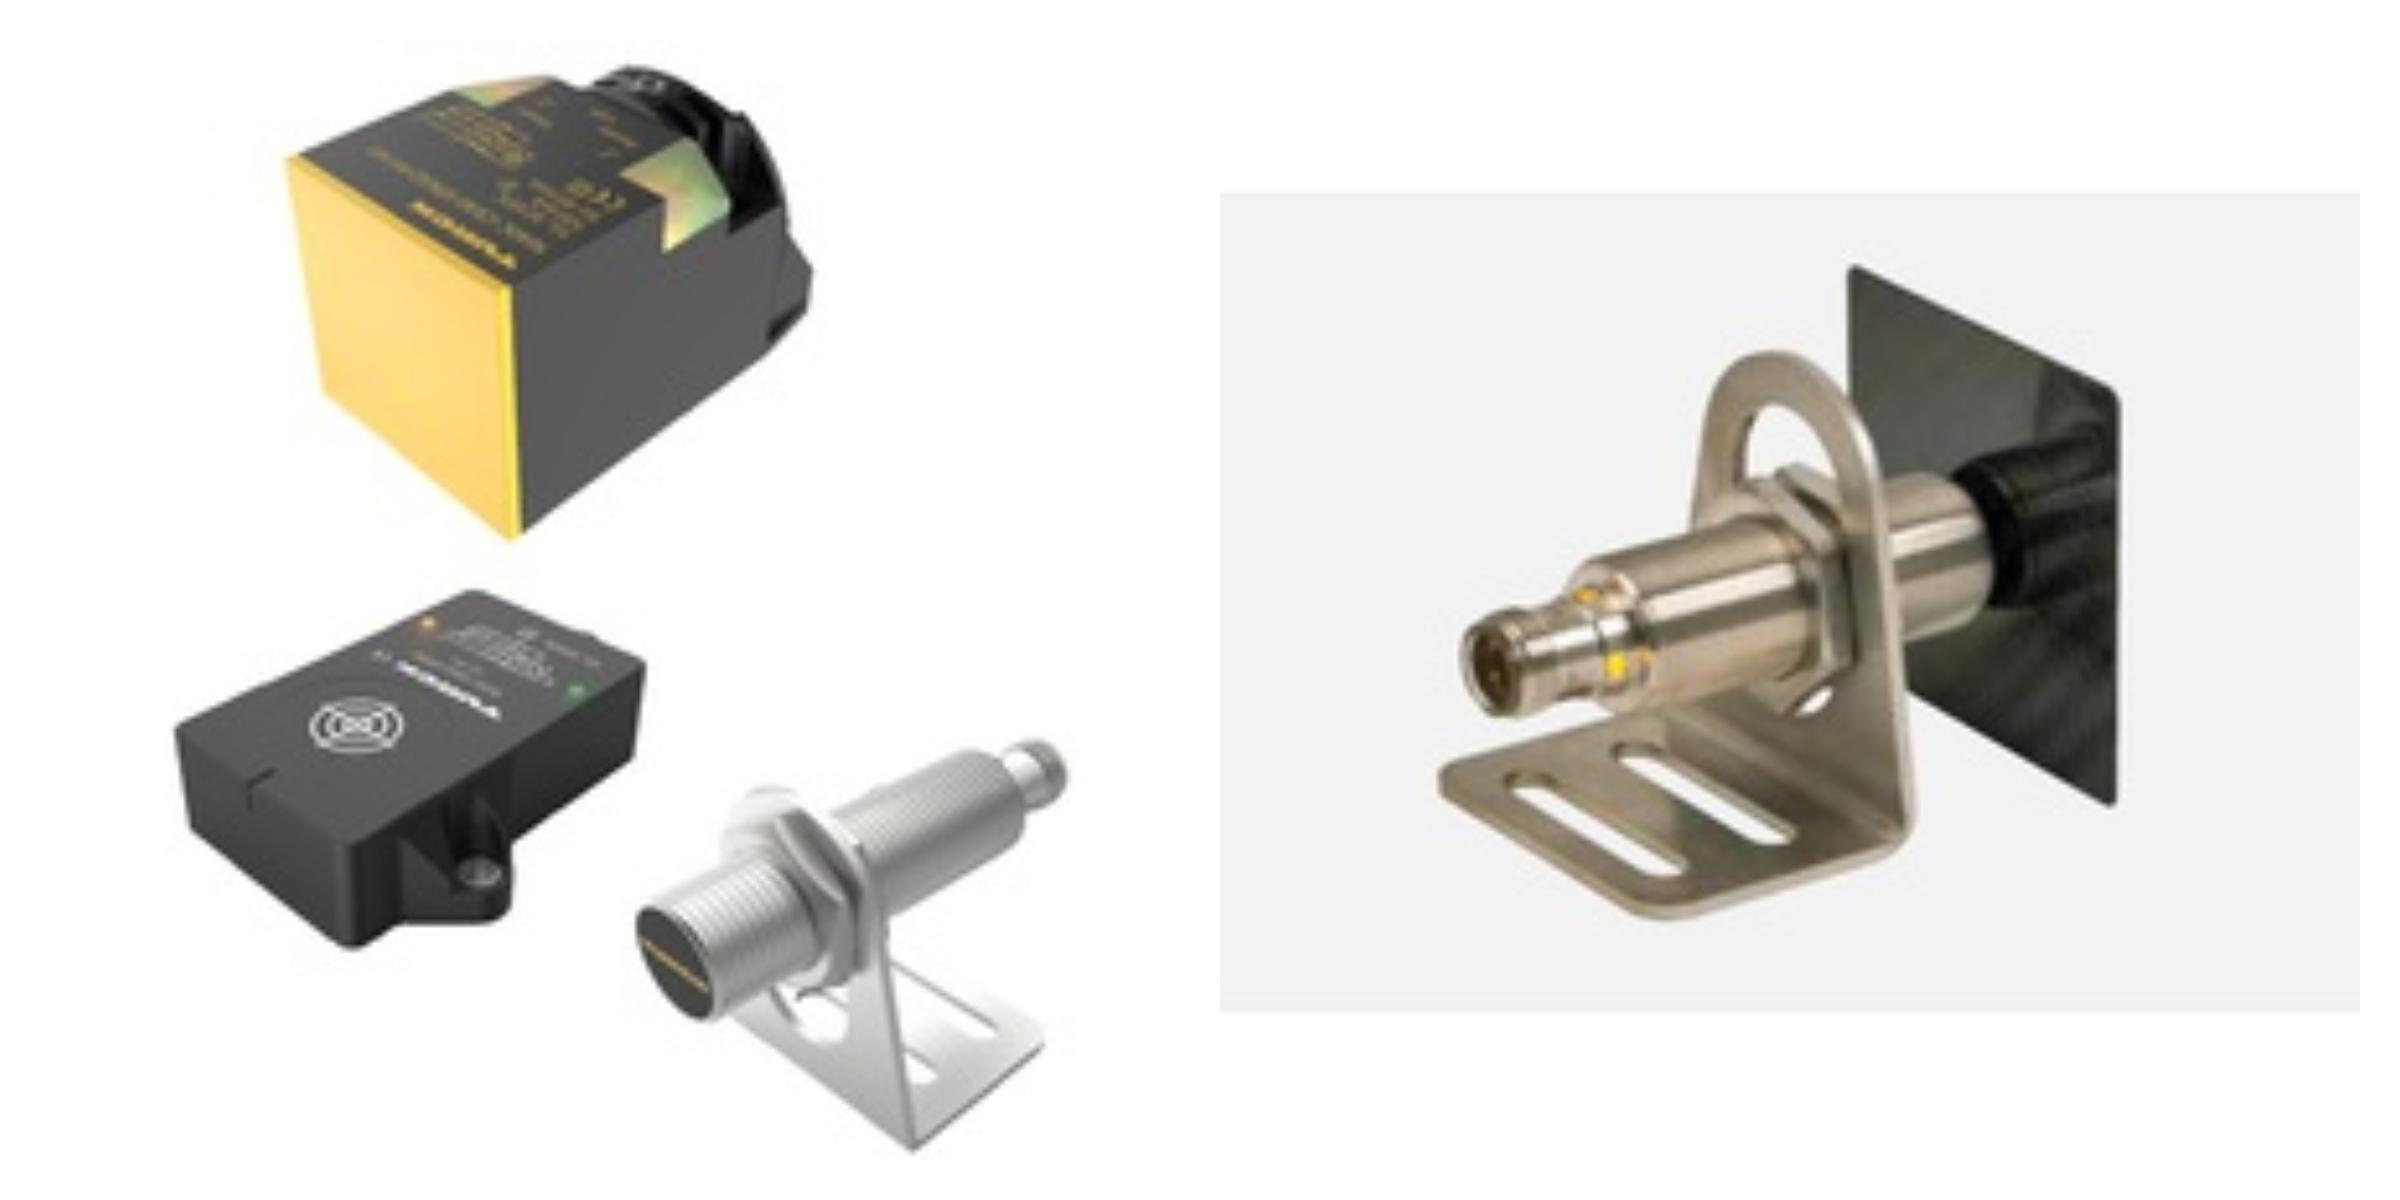 ターク、カーボンファイバー(炭素繊維)検出センサをリリース 最大40mmの検出距離